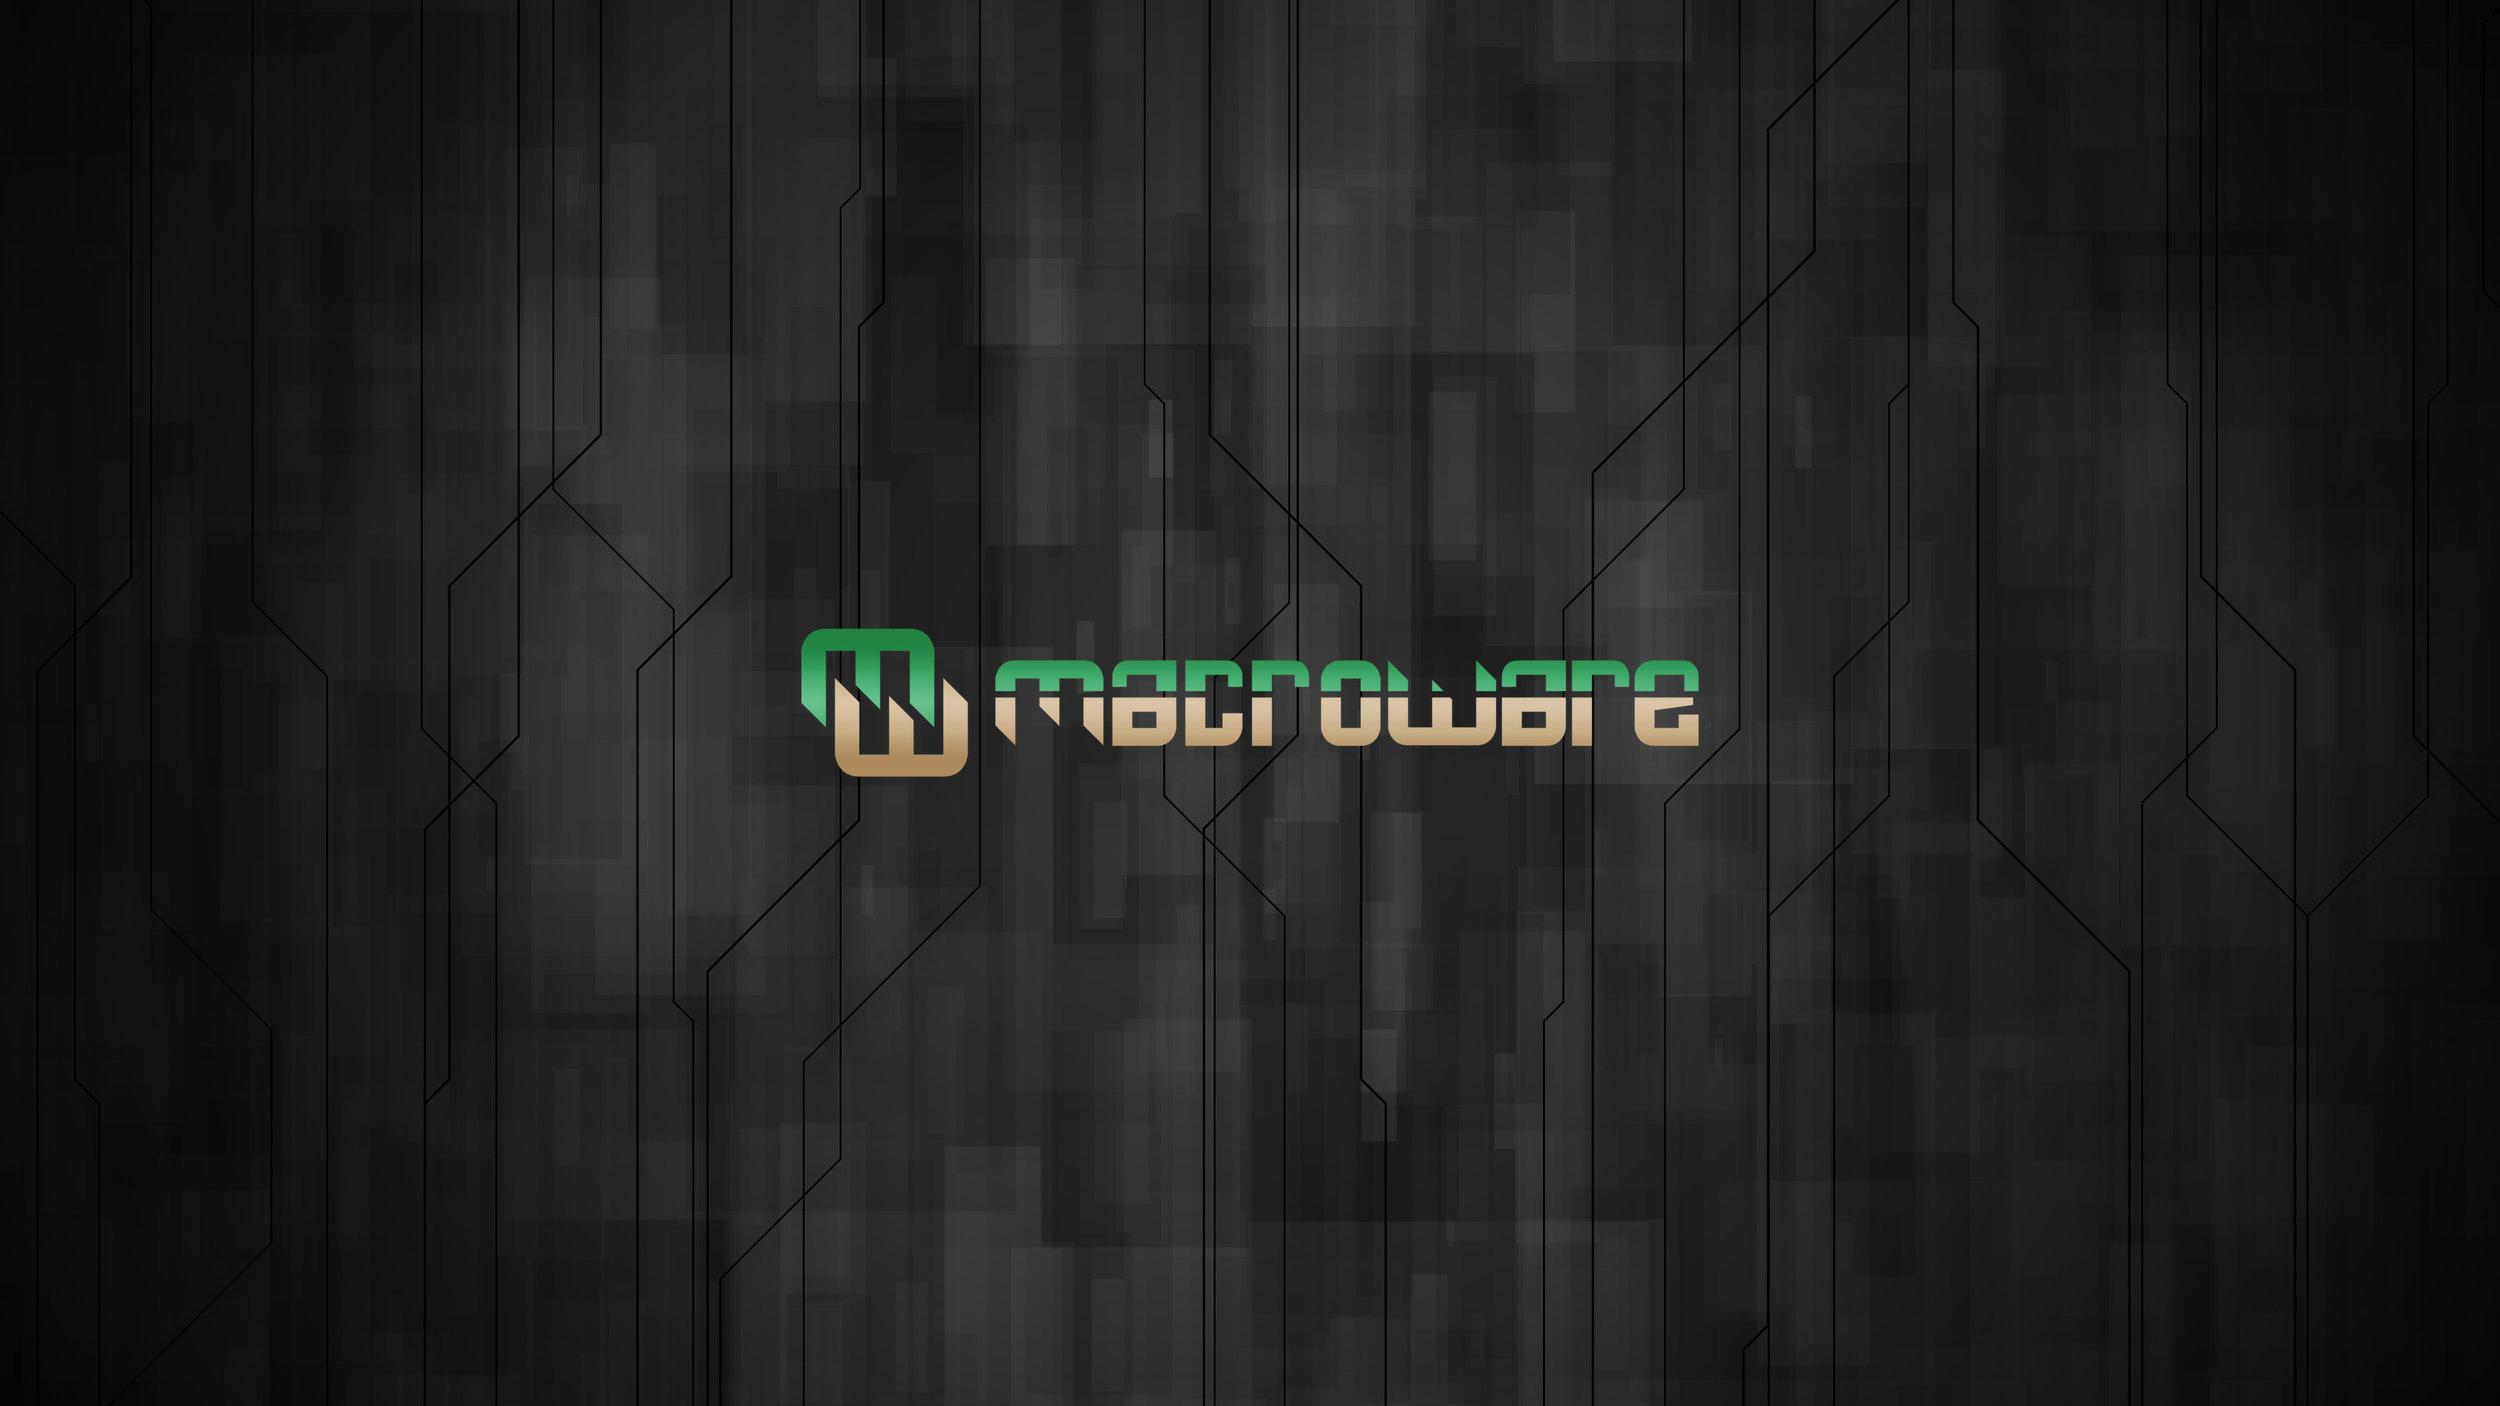 Macroware 4K Wallpaper